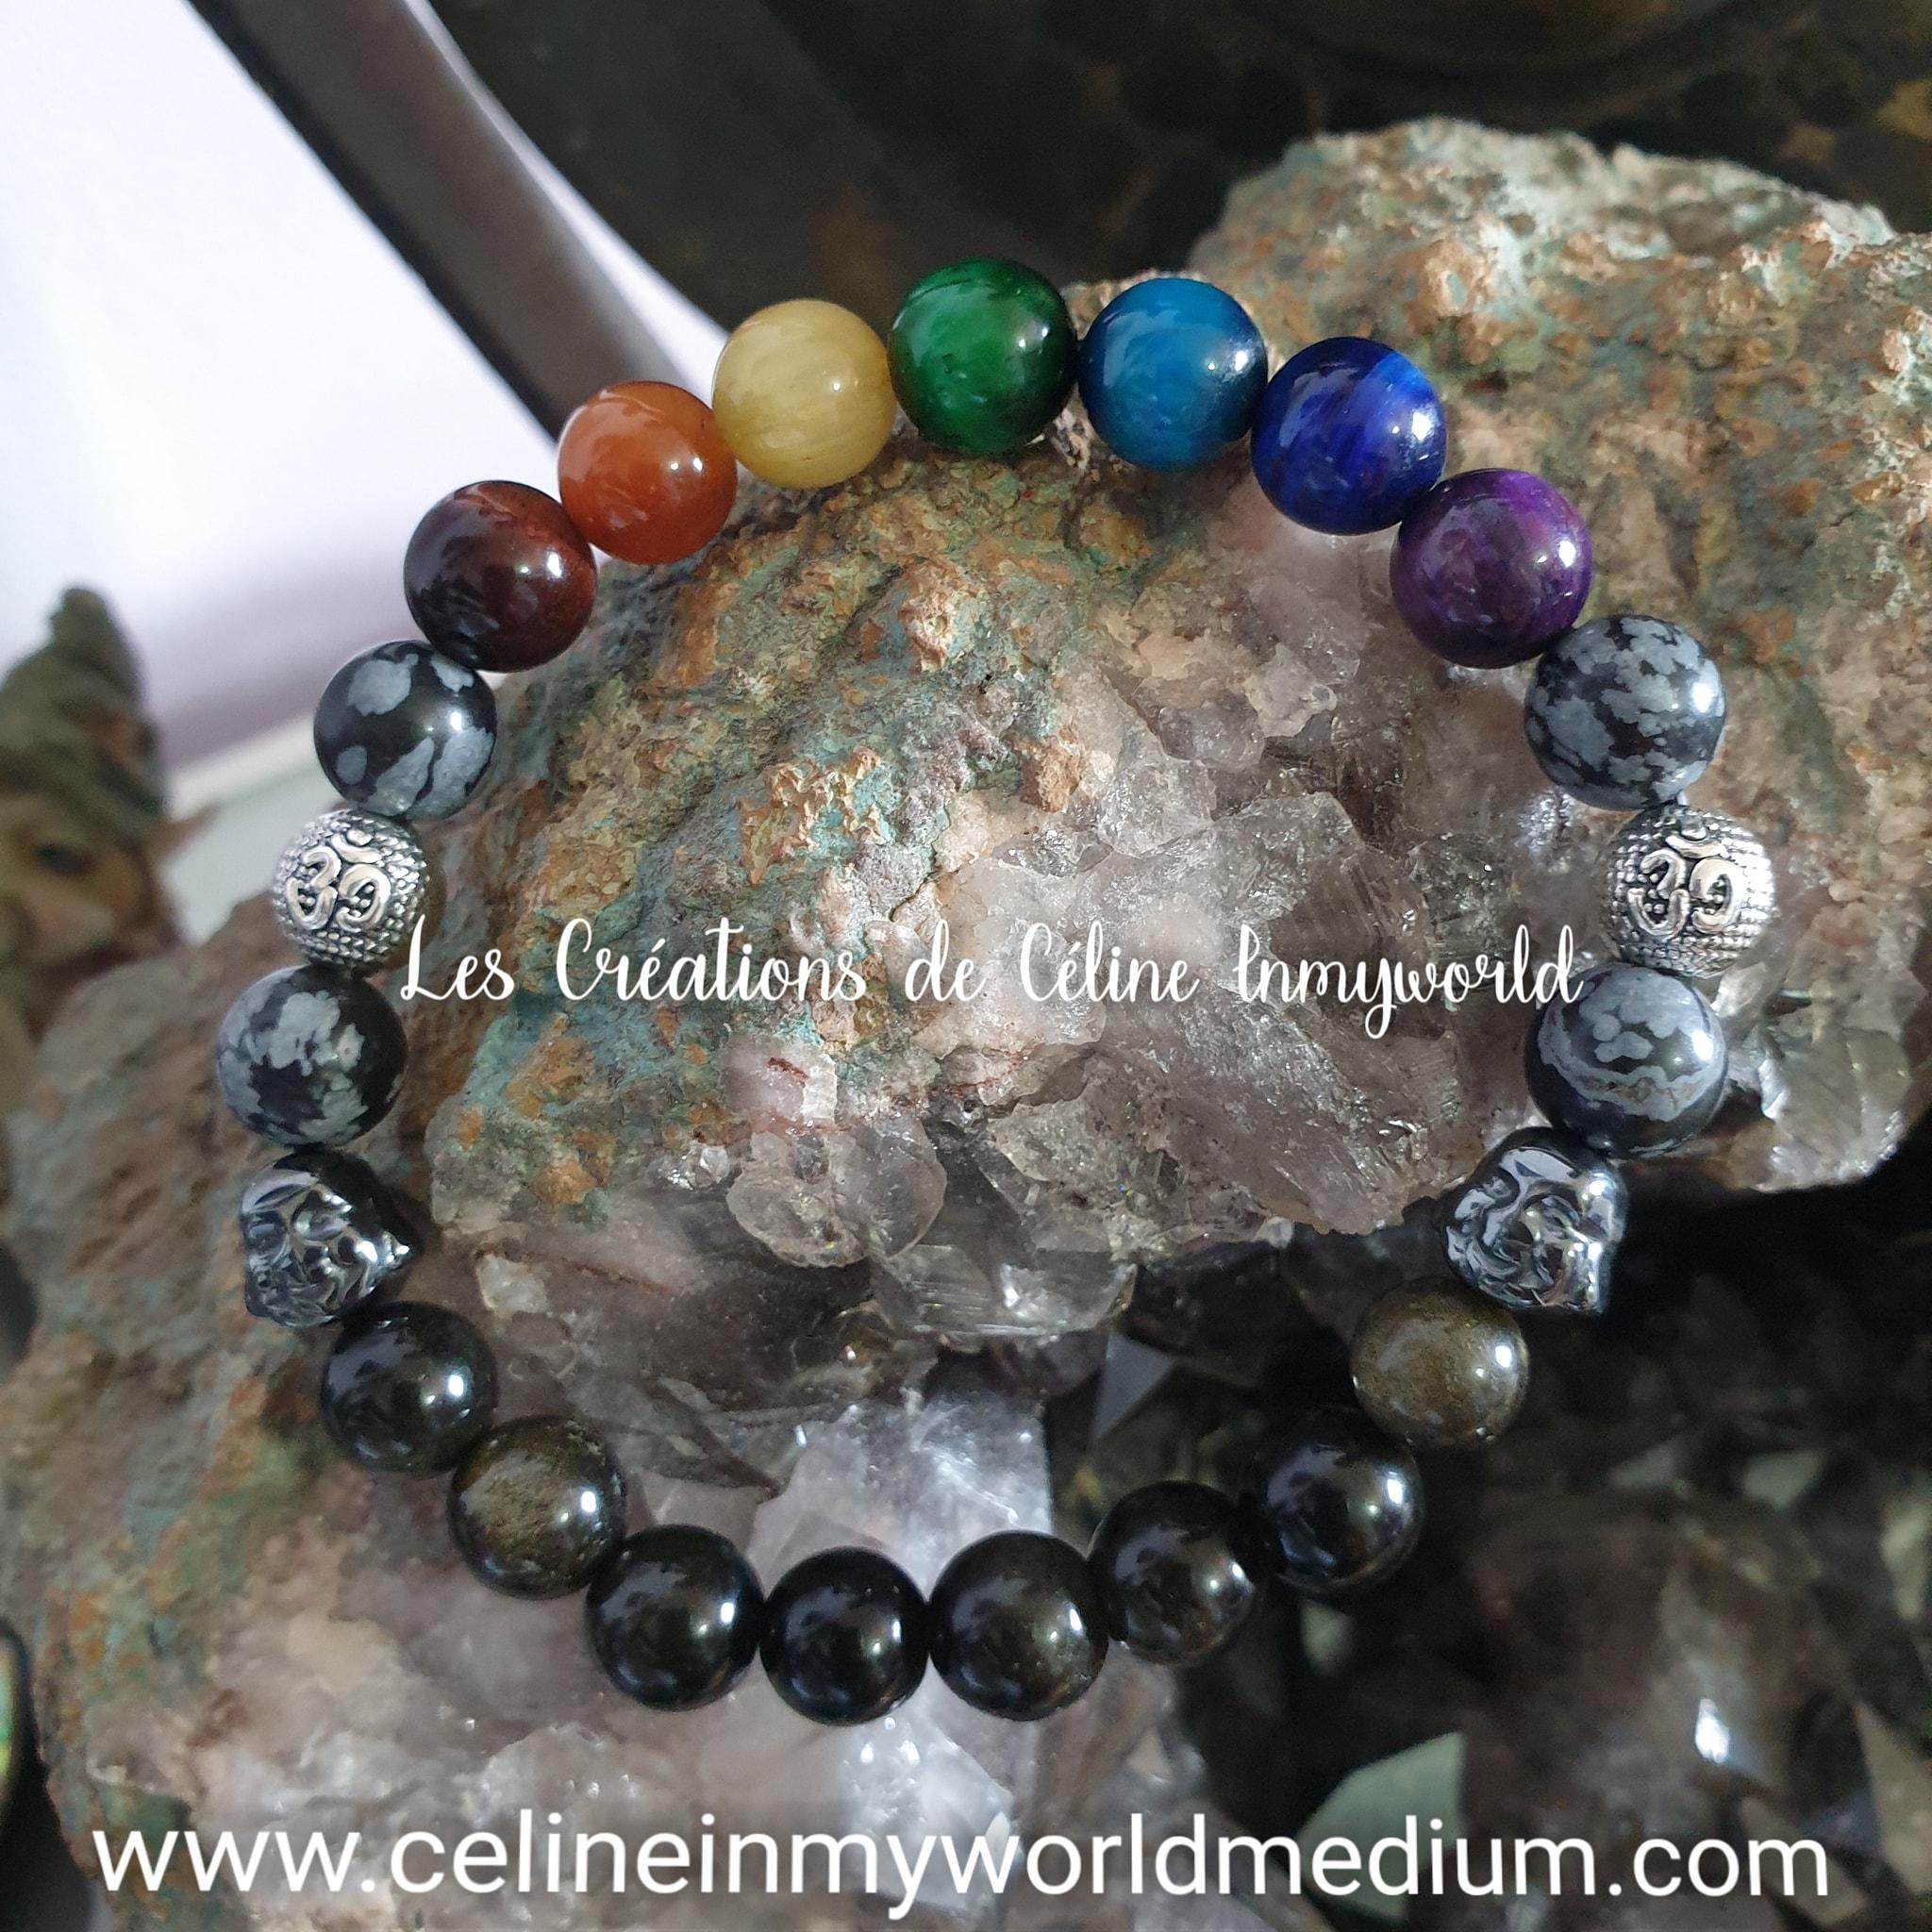 Bracelet de protection 7 chakras en Oeil-de-tigre (teinté), Obsidienne flacons de neige et Obsidienne dorée, avec symbole Aum et Bouddha